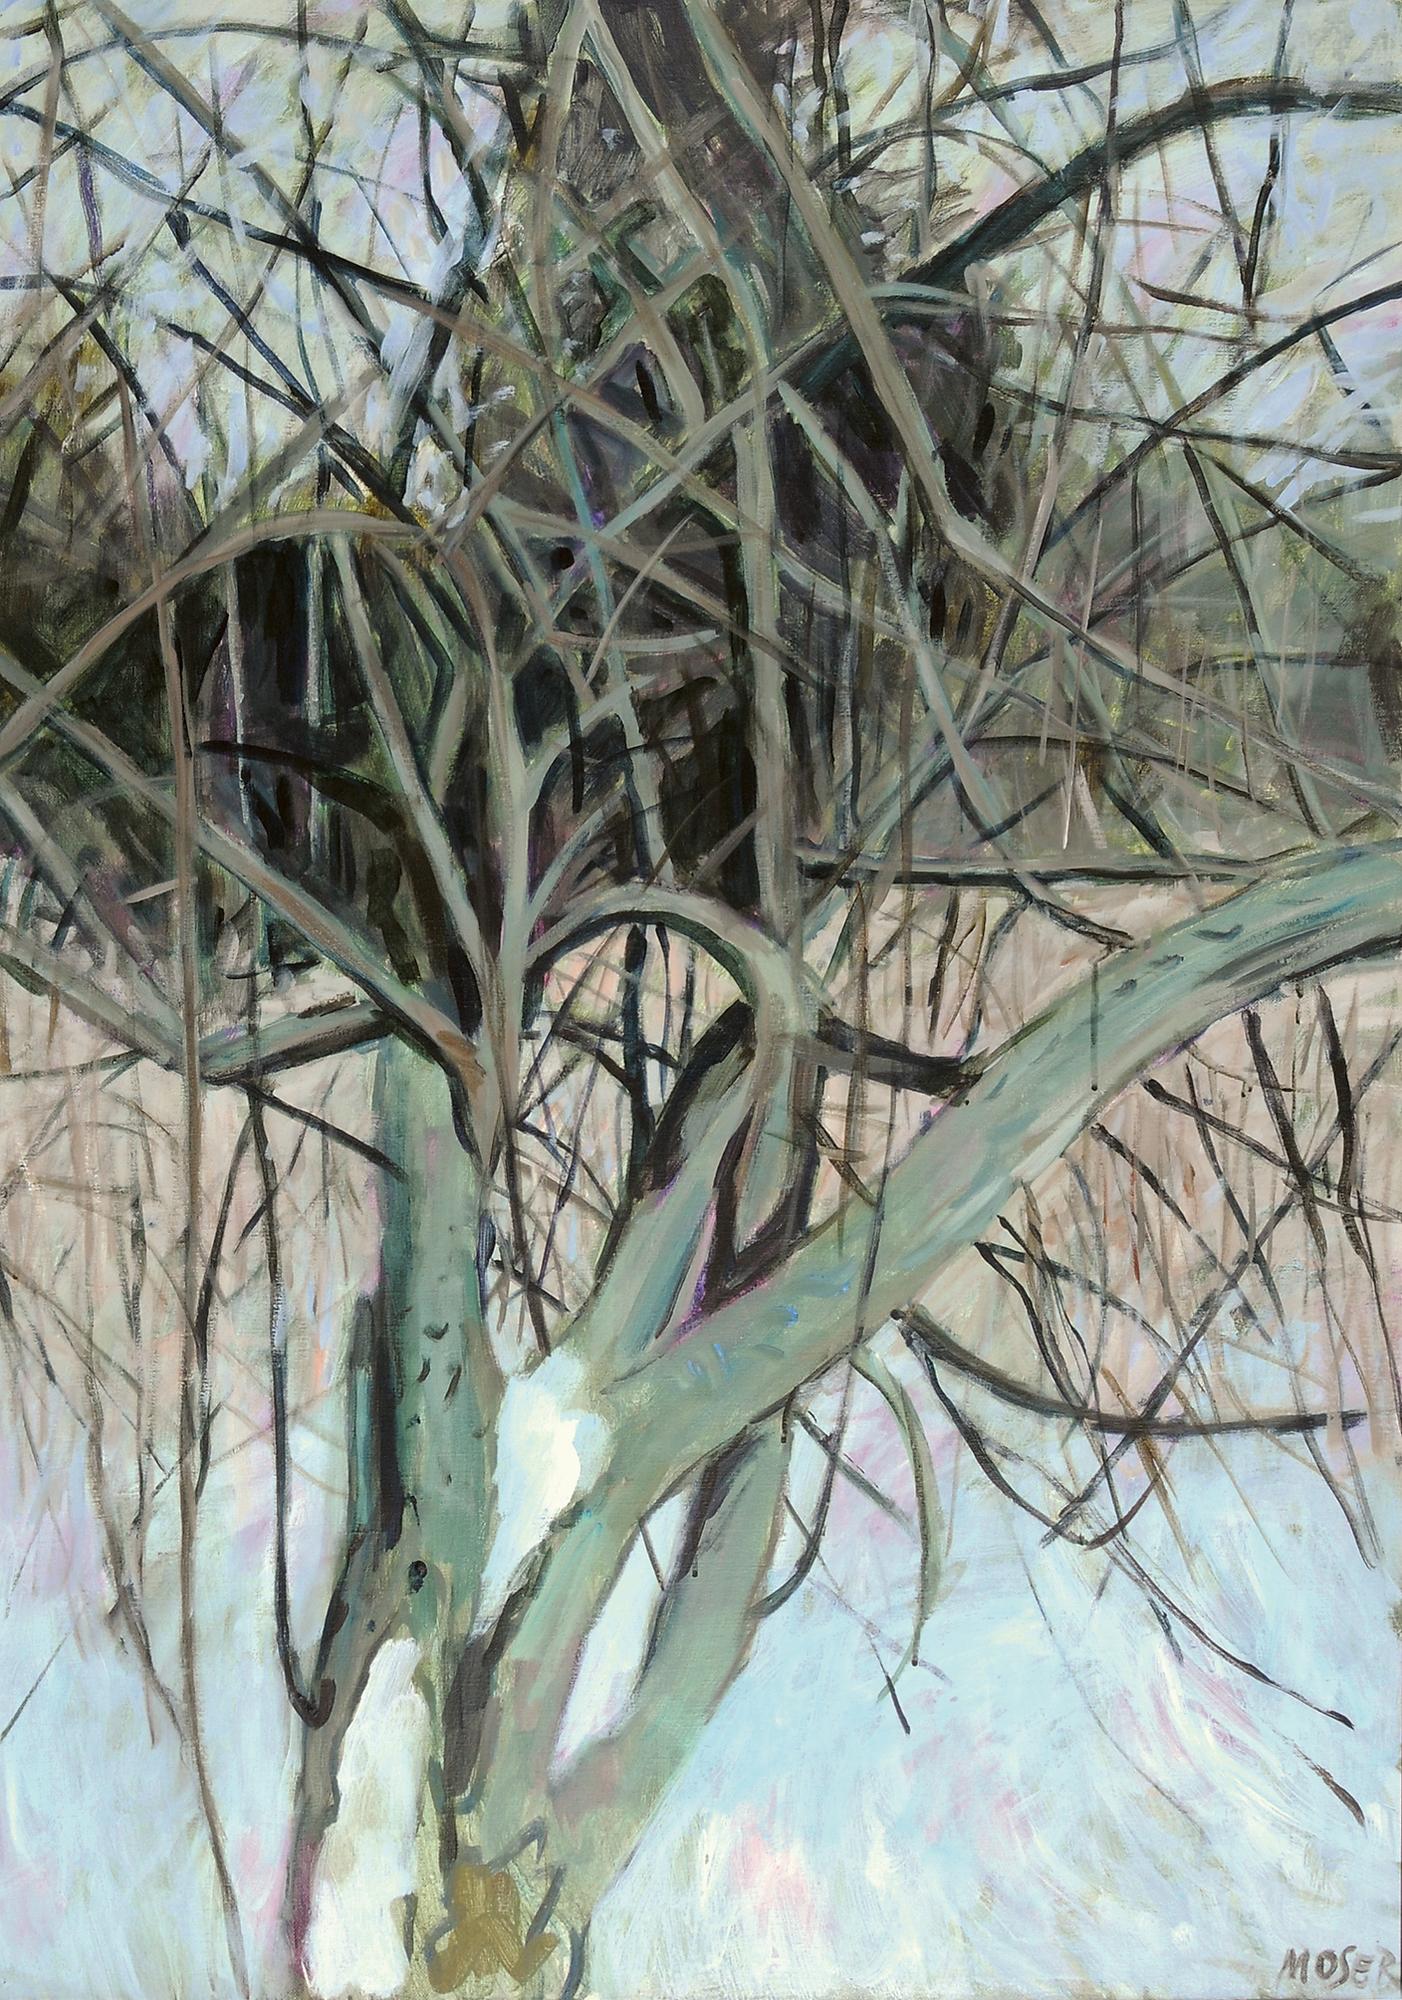 Moser Wilfrid, Baum im Schnee